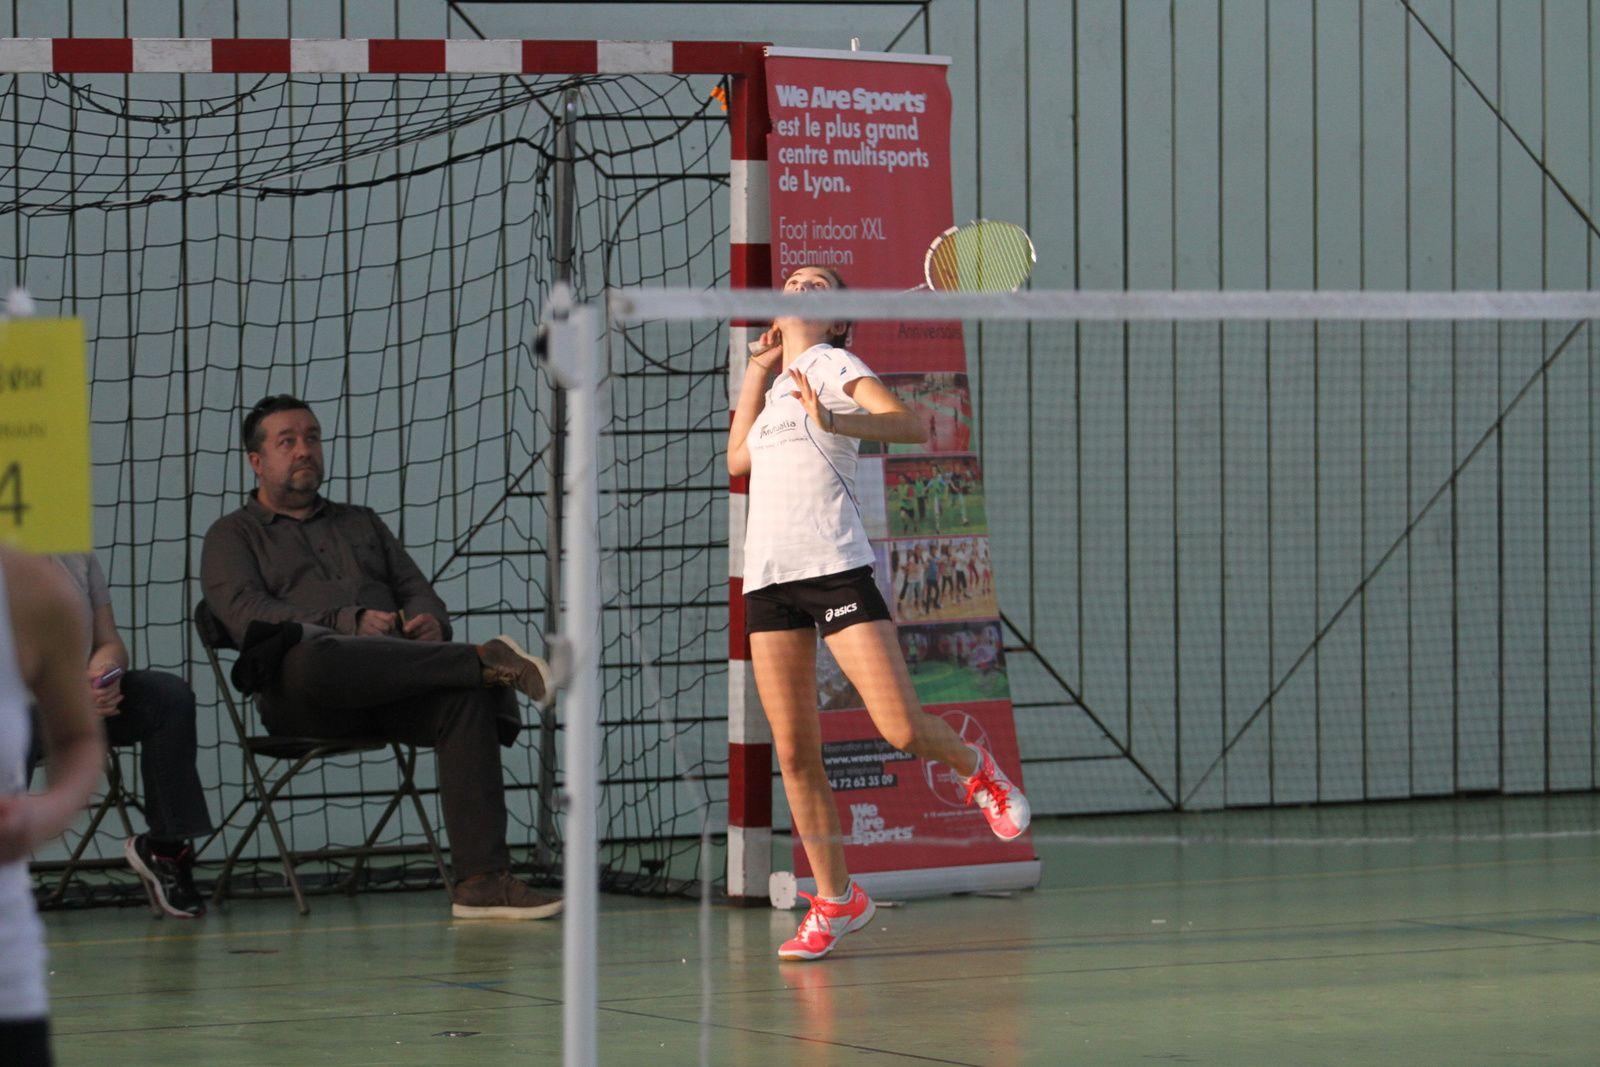 Le 23e bad'trip de Vénissieux Badminton Sud-Est a été annulée ce dimanche après une première journée qui a été à son terme.